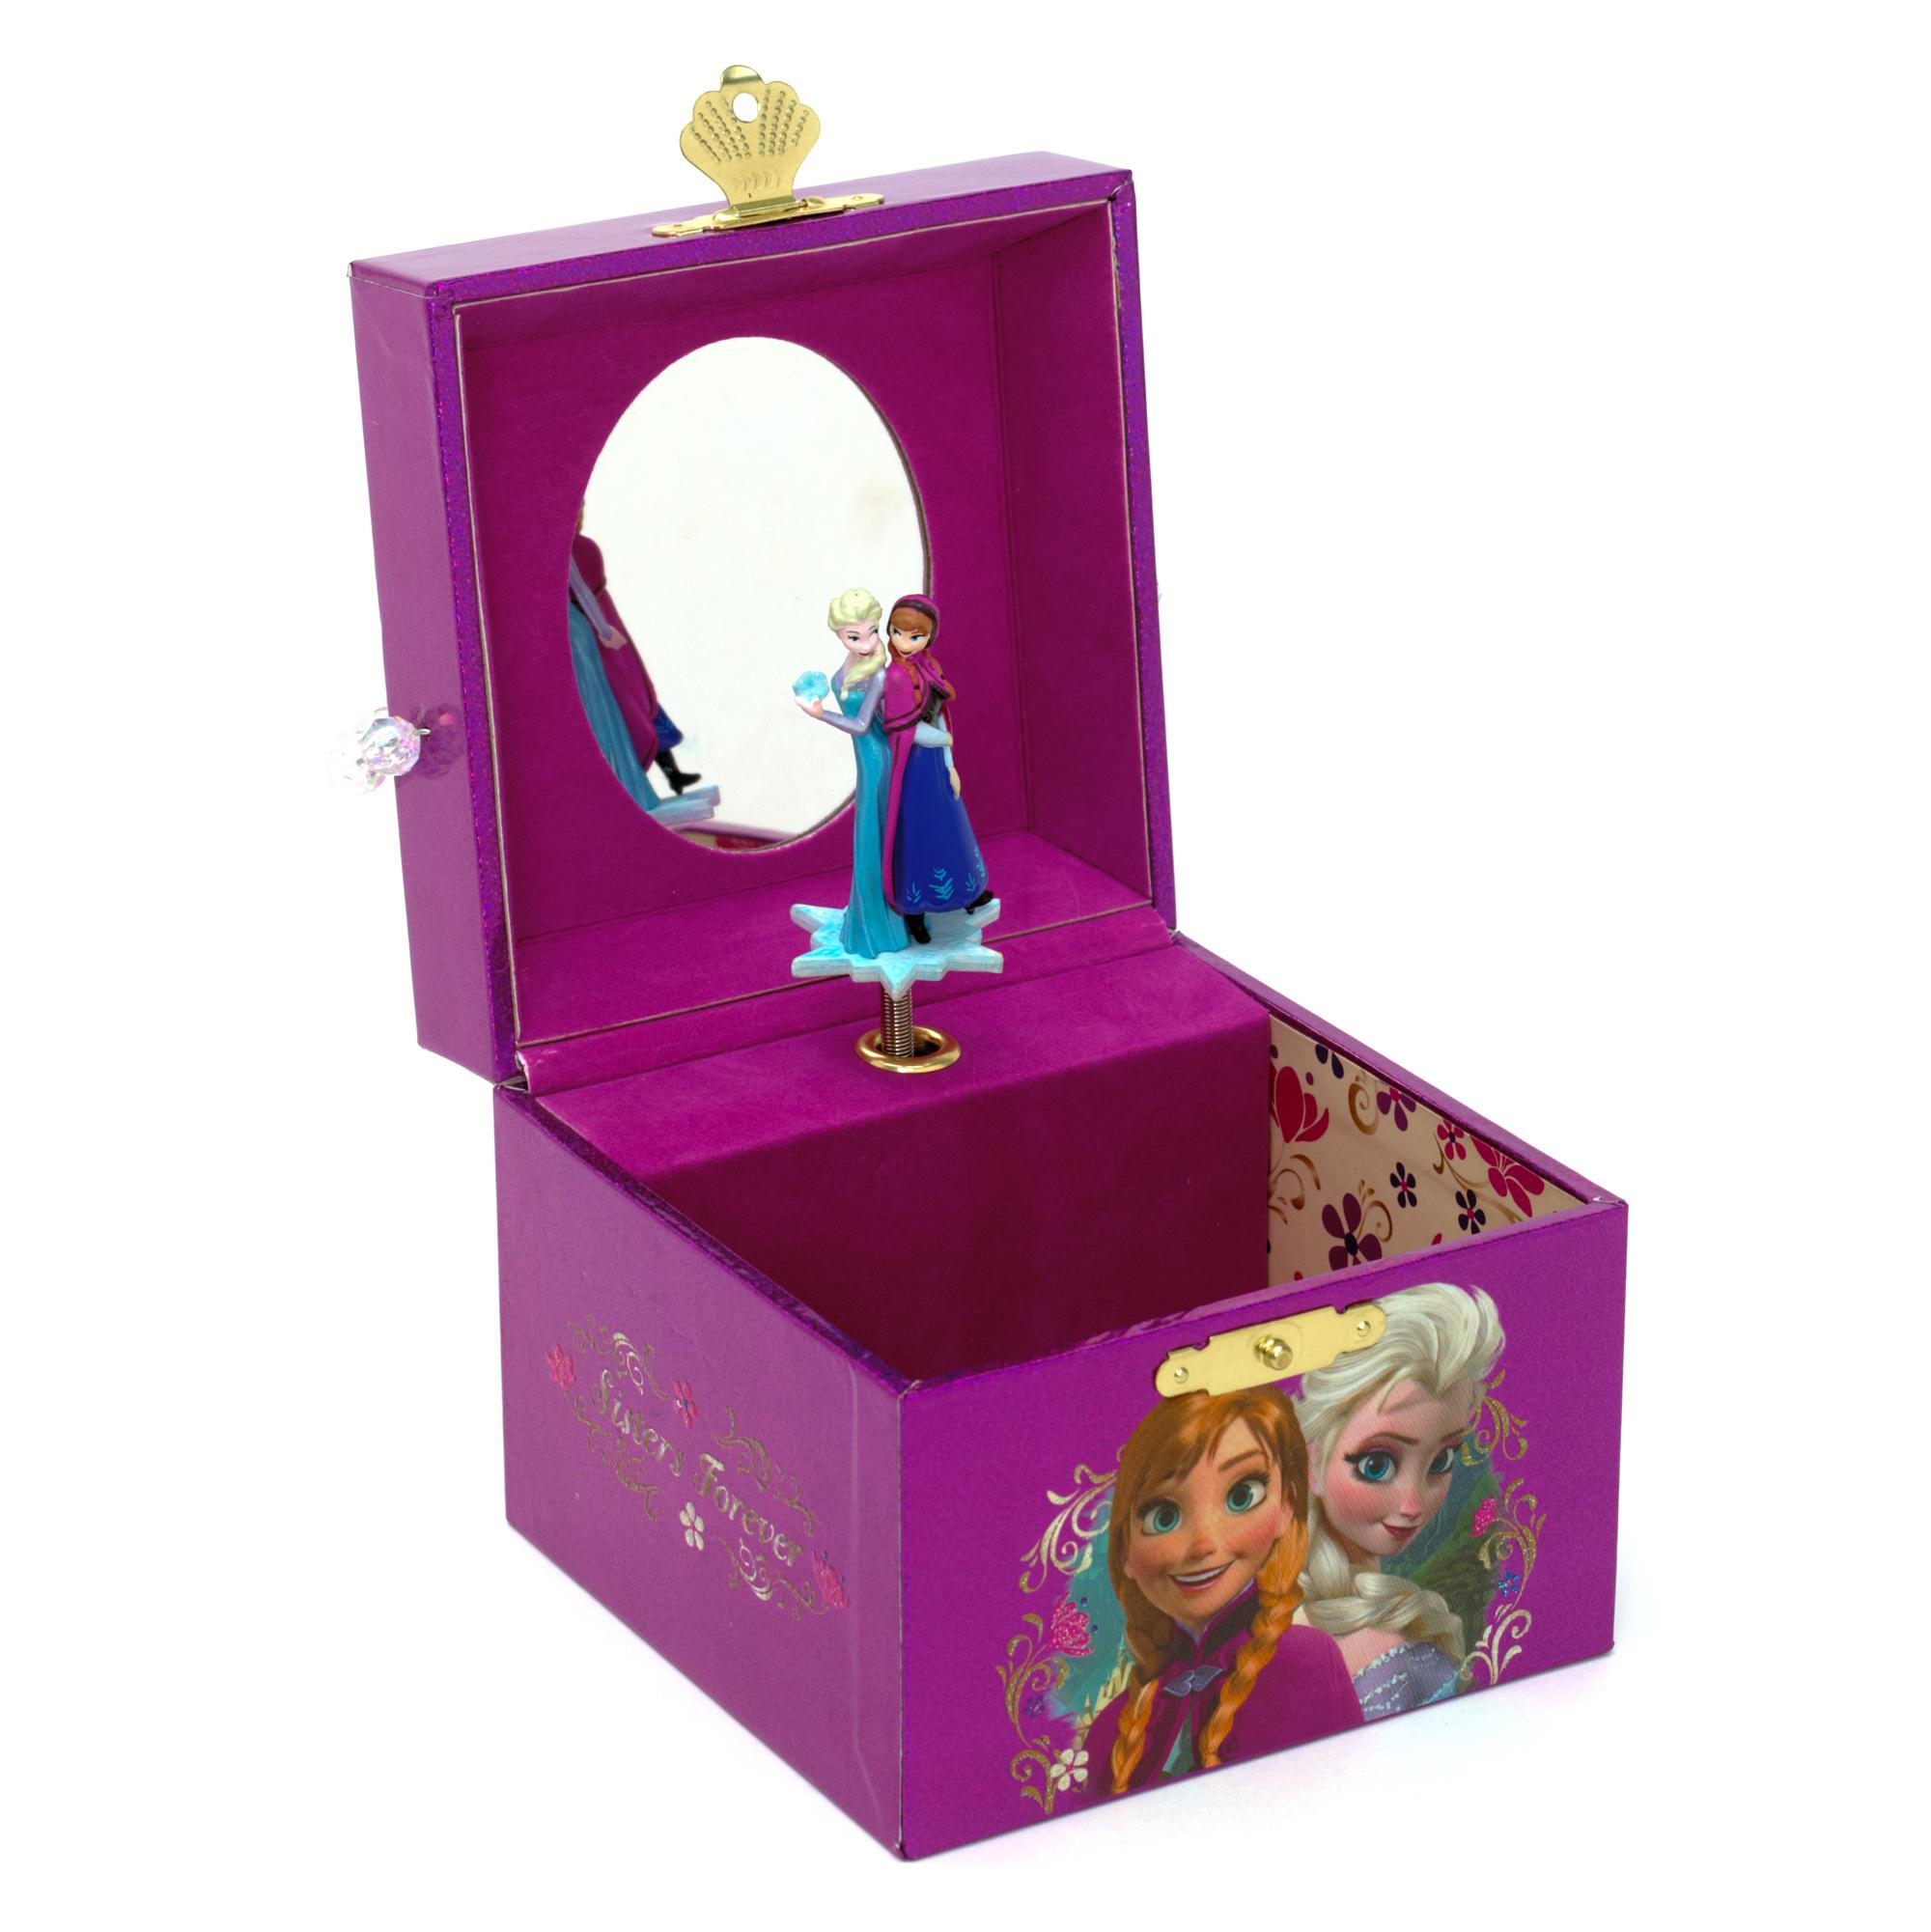 jouets goodies la reine des neiges de disney bonbon. Black Bedroom Furniture Sets. Home Design Ideas